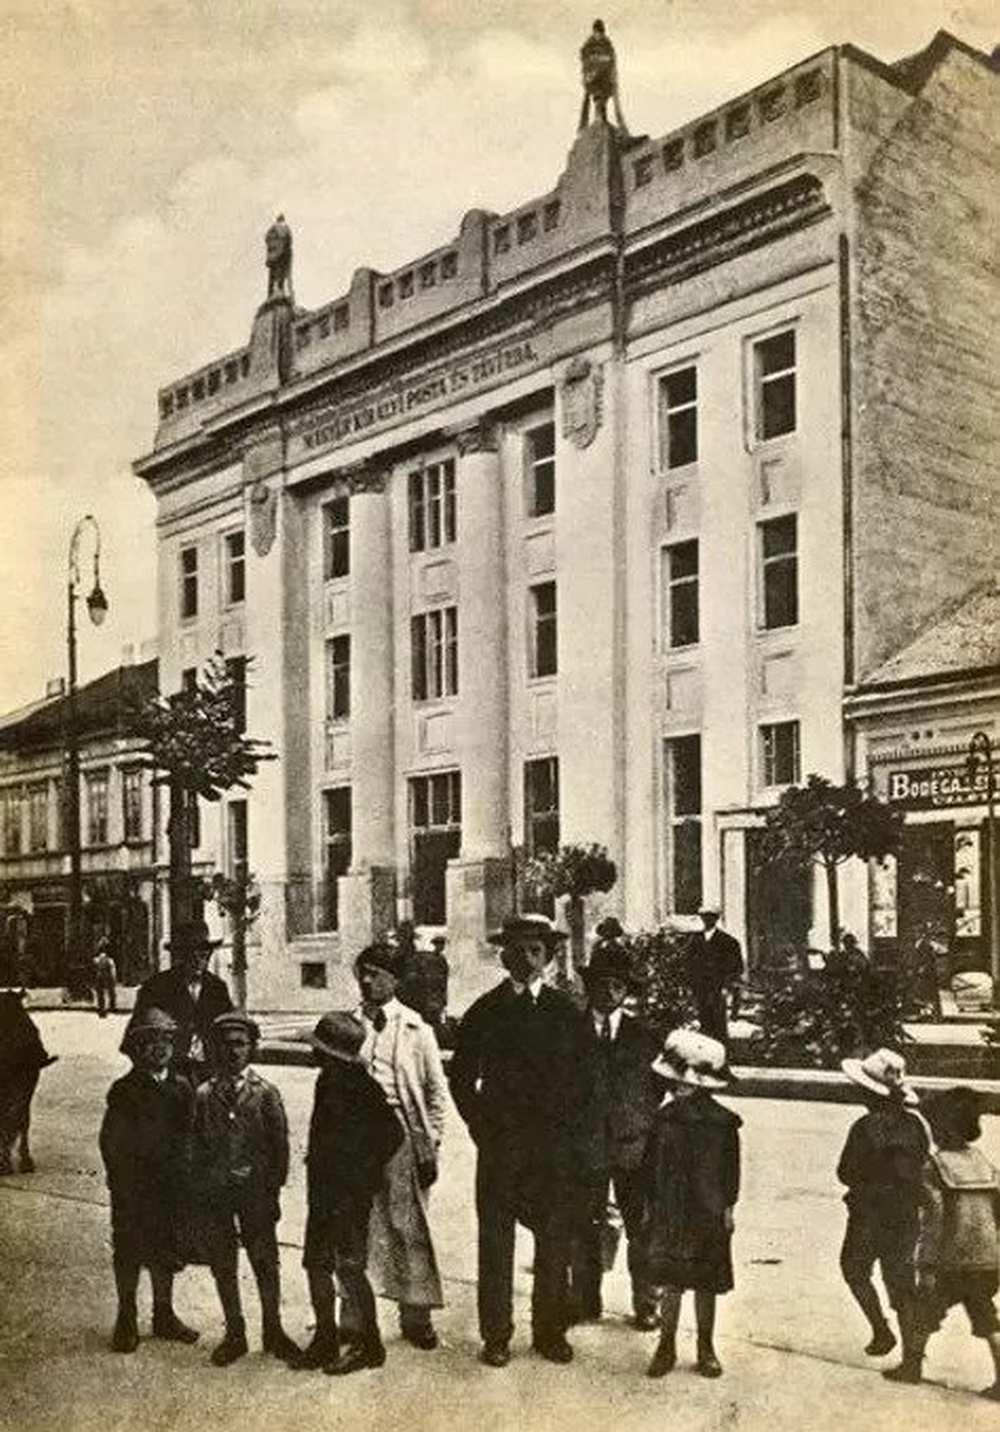 Marosvásárhelyi Postaház, I. kötet – Postamúzeum. Leltári szám: 24.507.